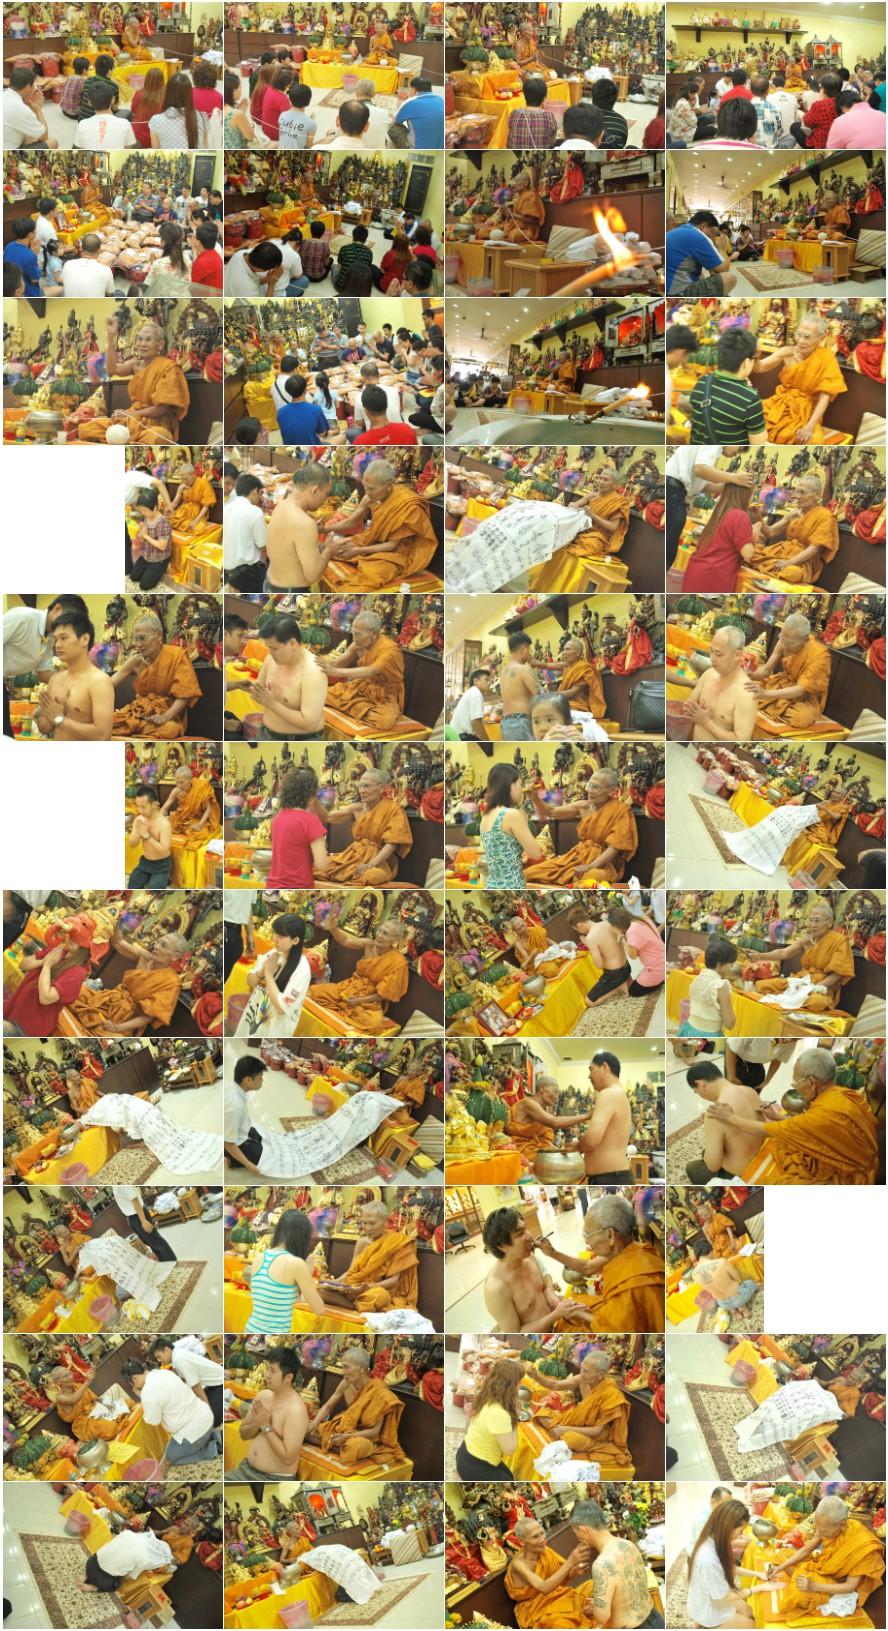 柬埔寨高龄圣僧luang phor kai..重生术.jpg